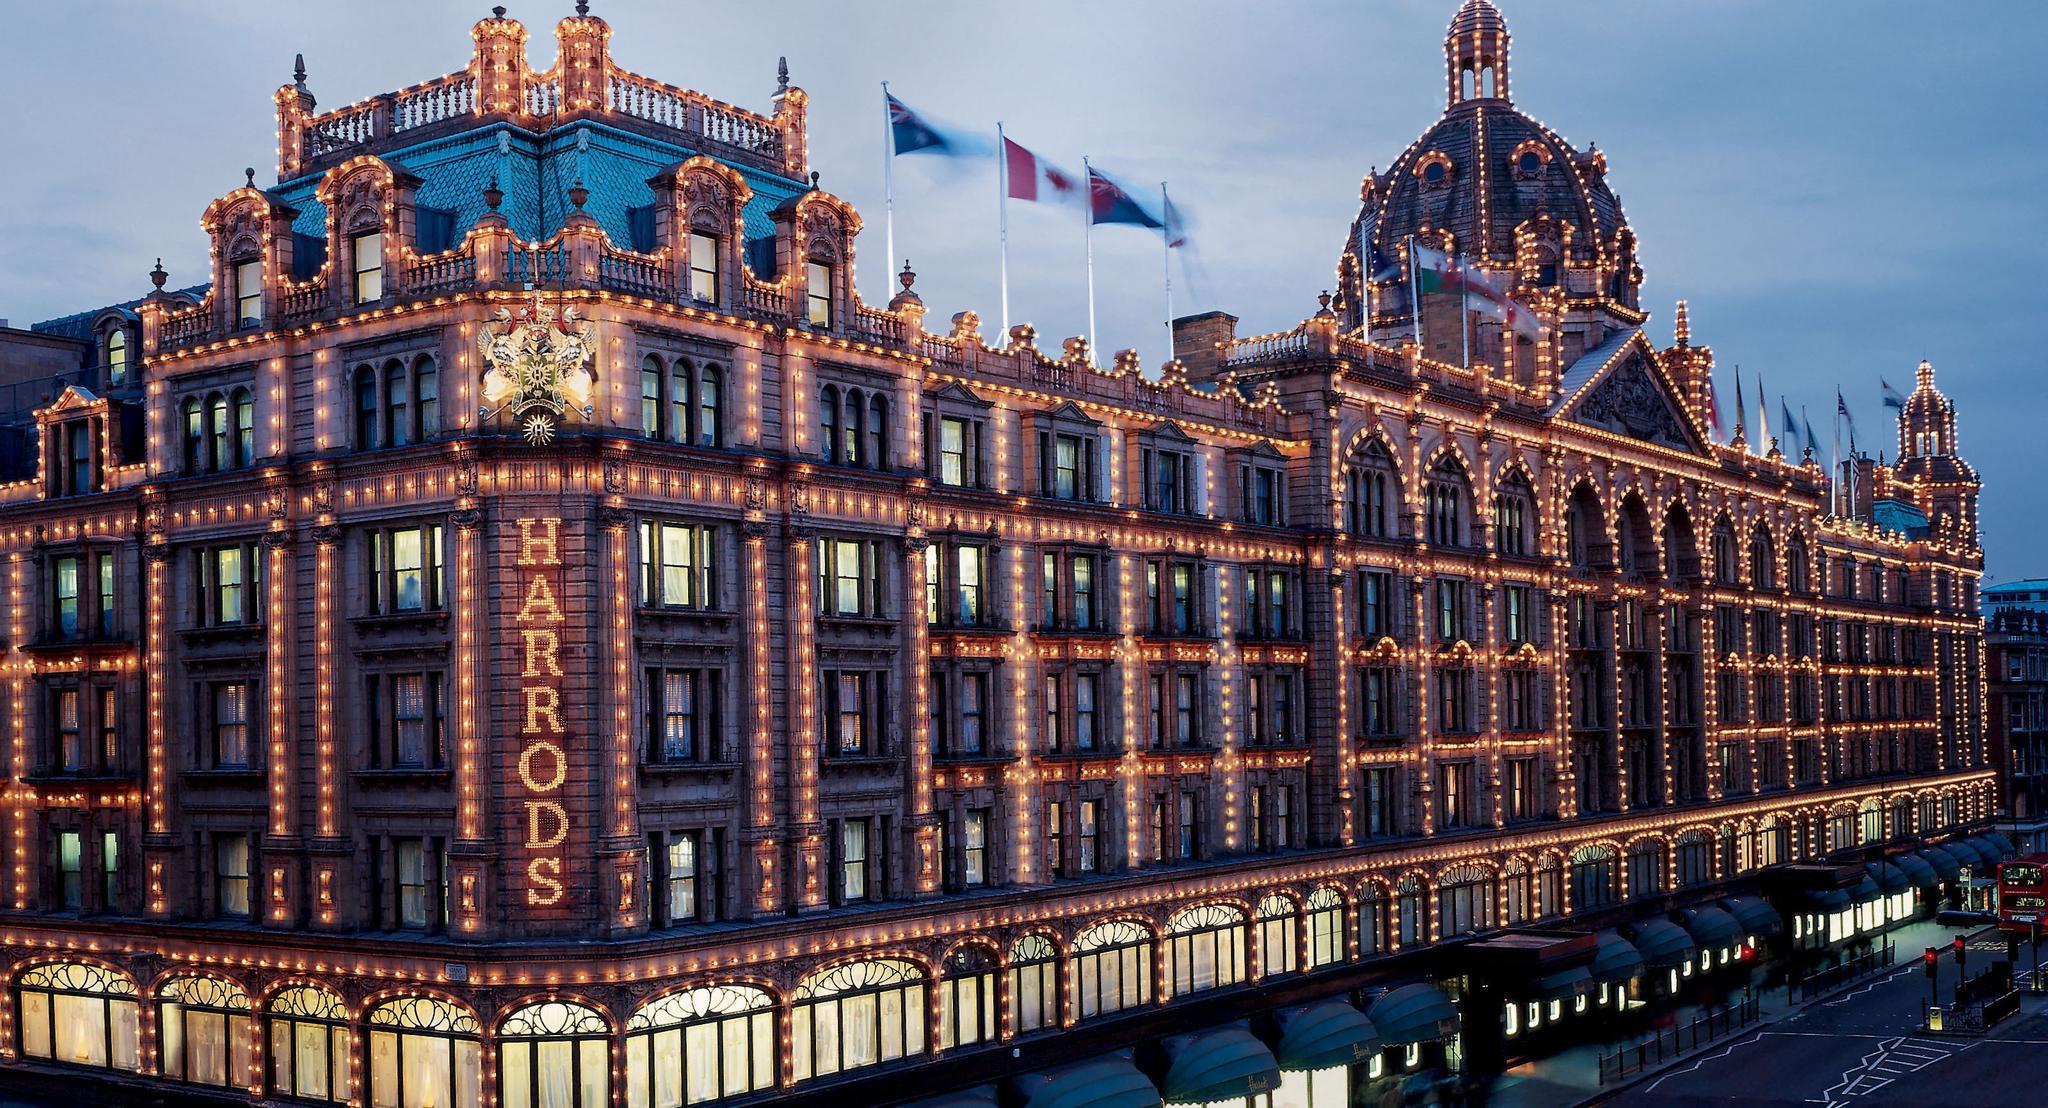 英国二次封城 市民排队购买奢侈品